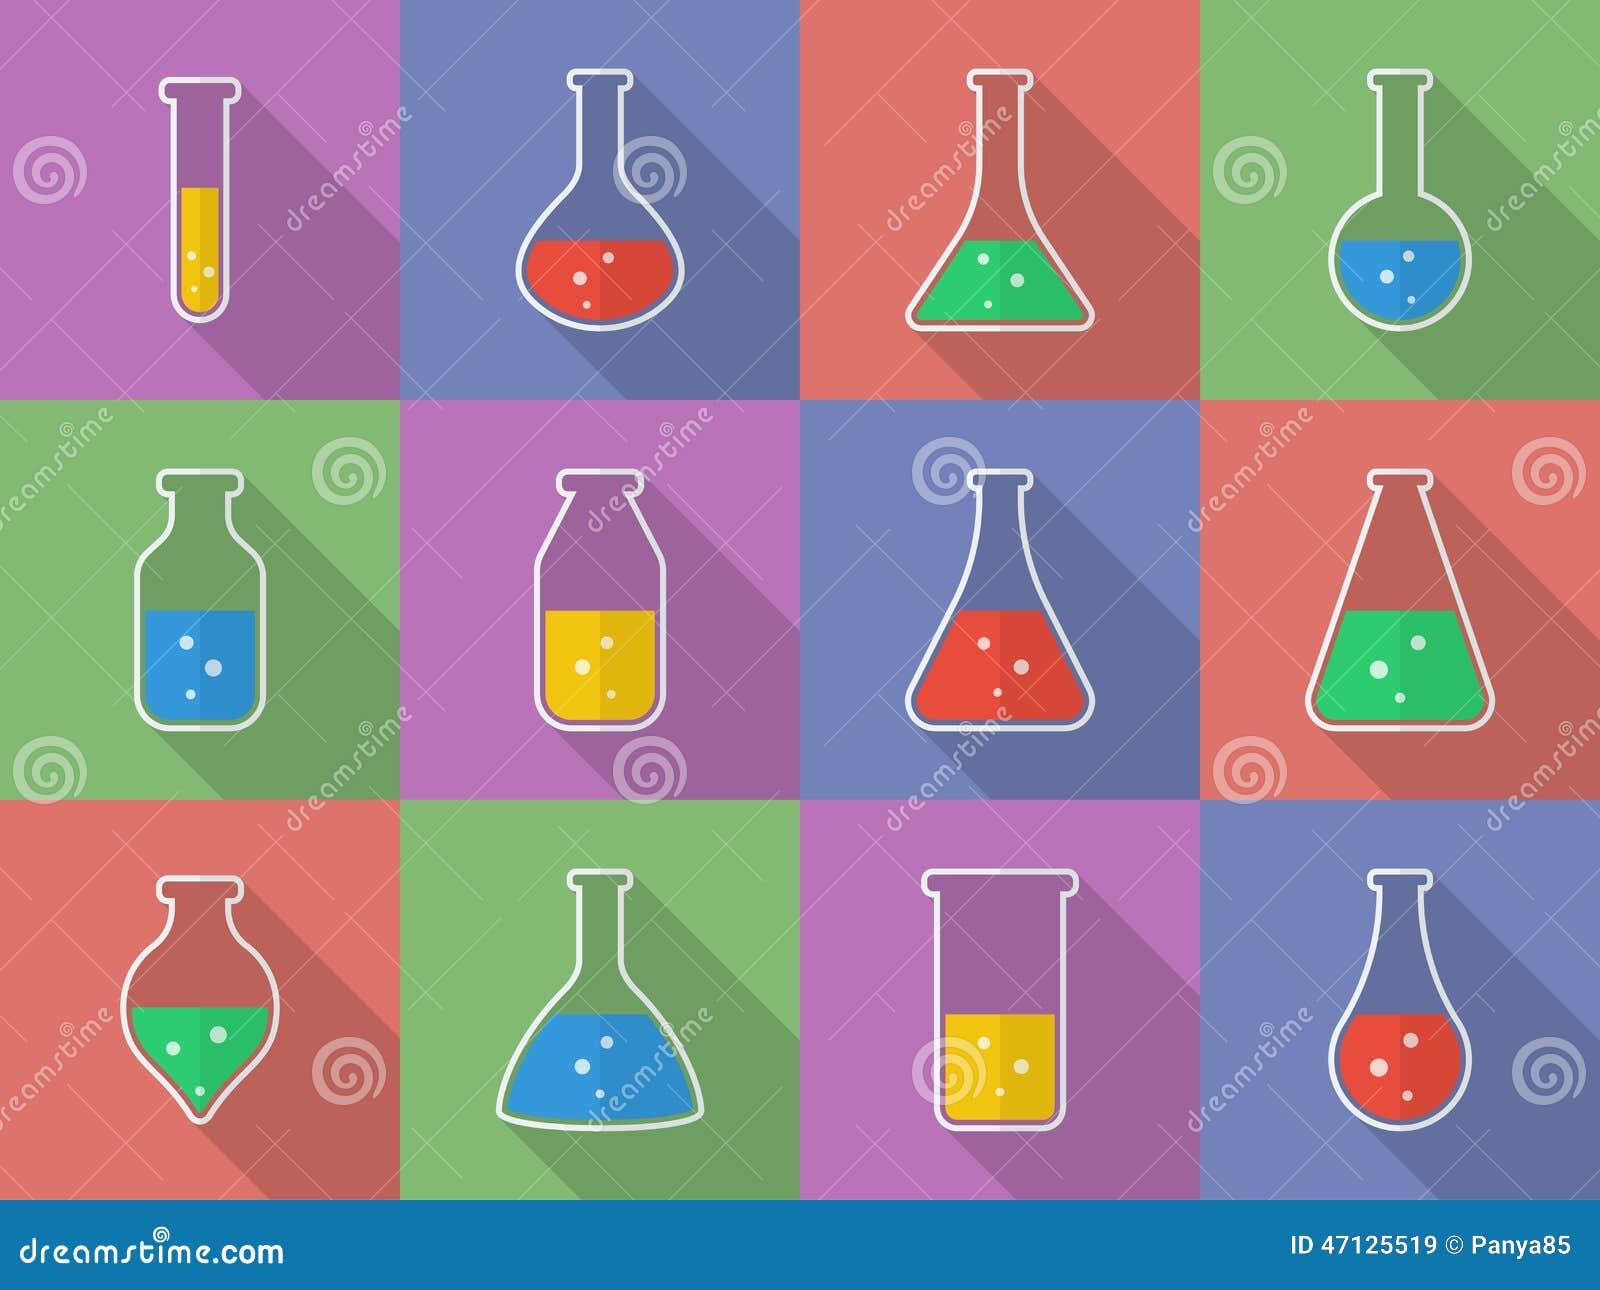 Kemikalie, laboratoriumutrustning för biologisk vetenskap - provrör och flaskasymboler